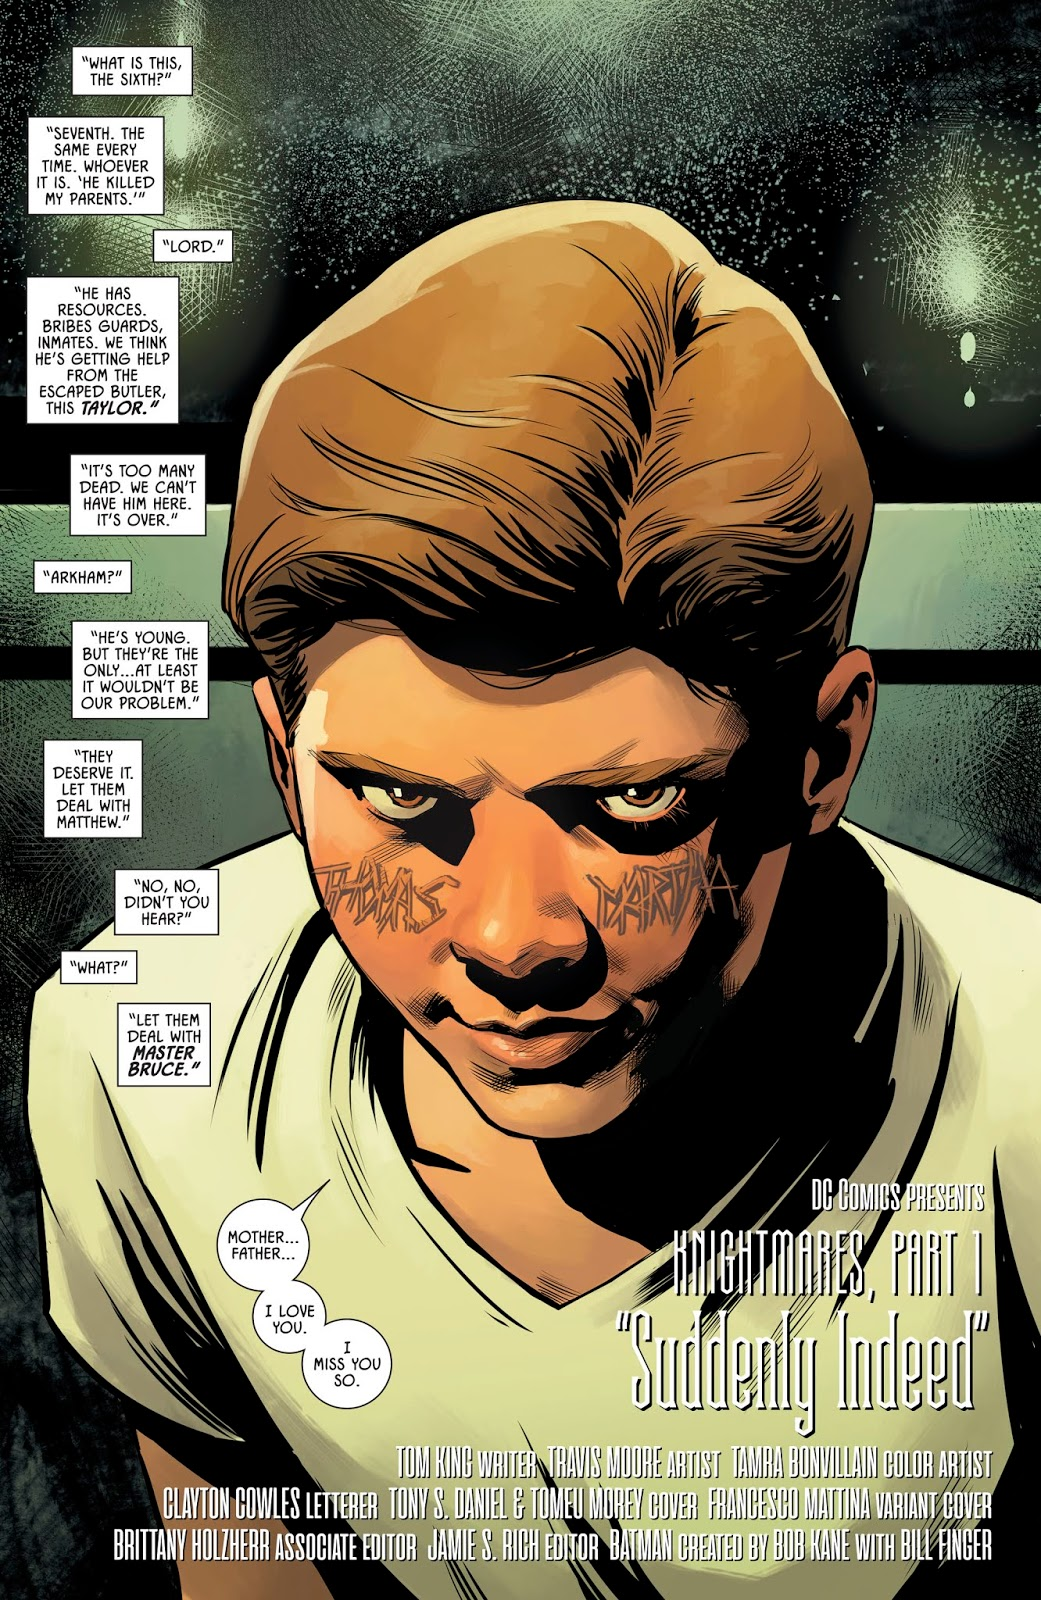 Master Bruce (Batman Vol. 3 #61)